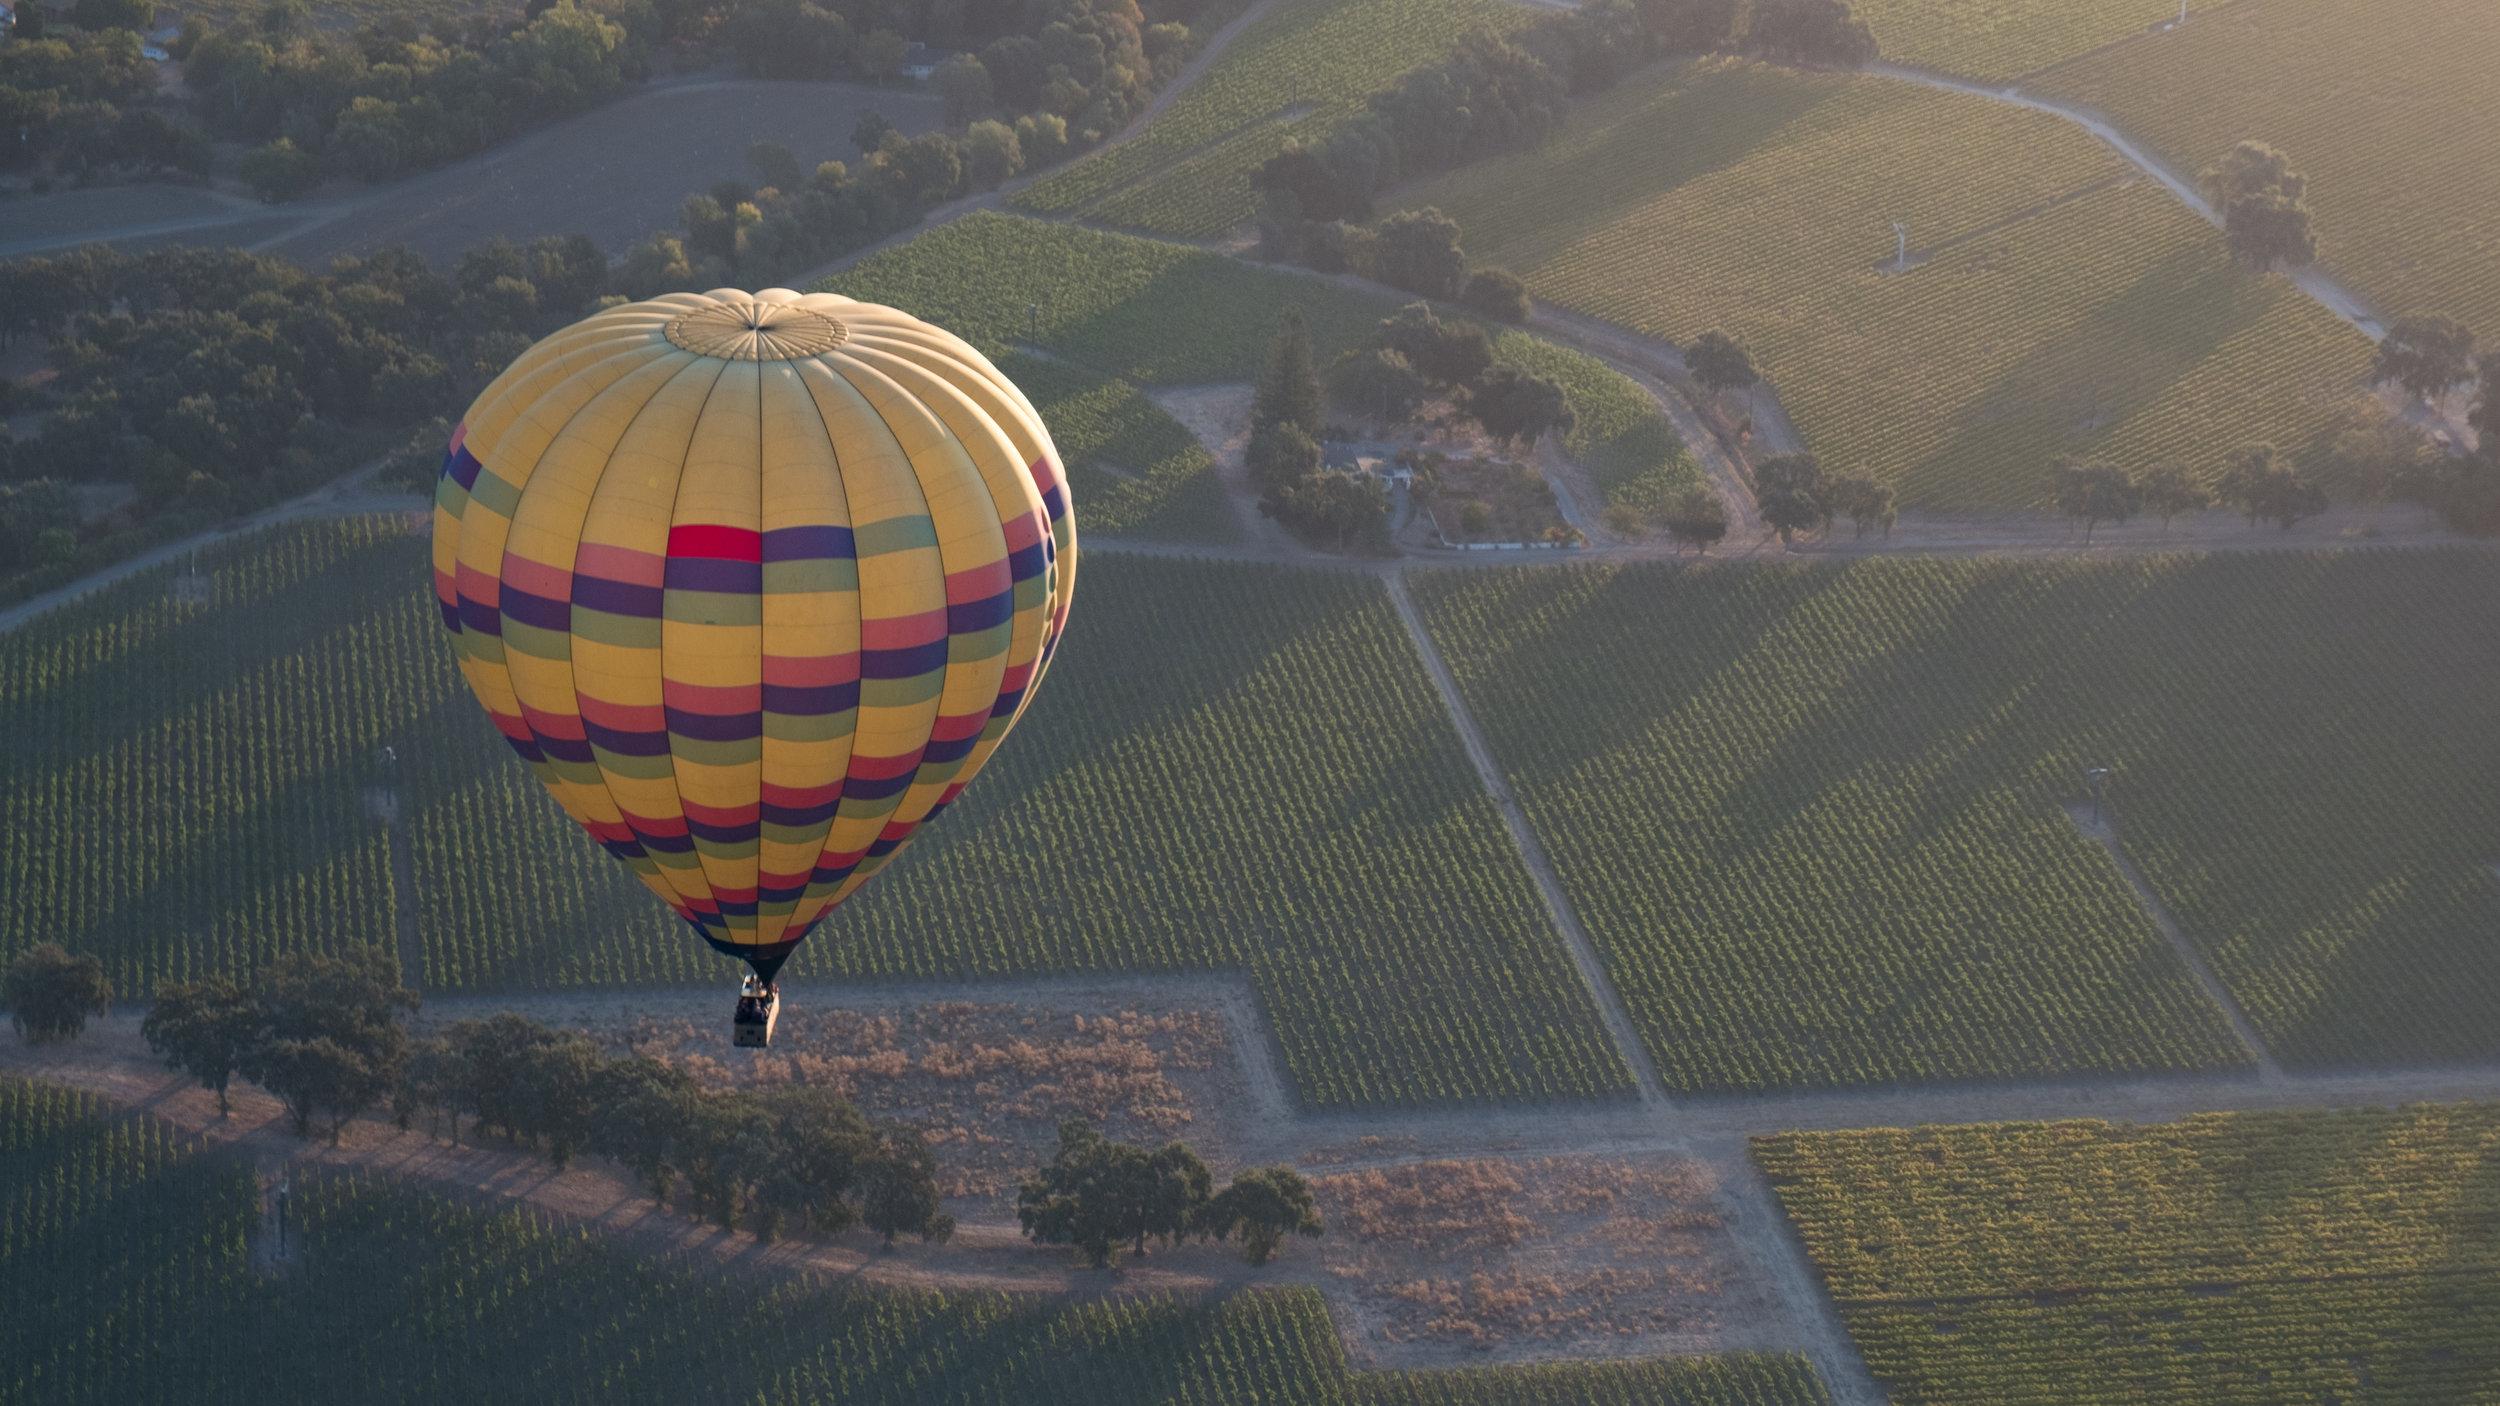 Napa Valley Balloon